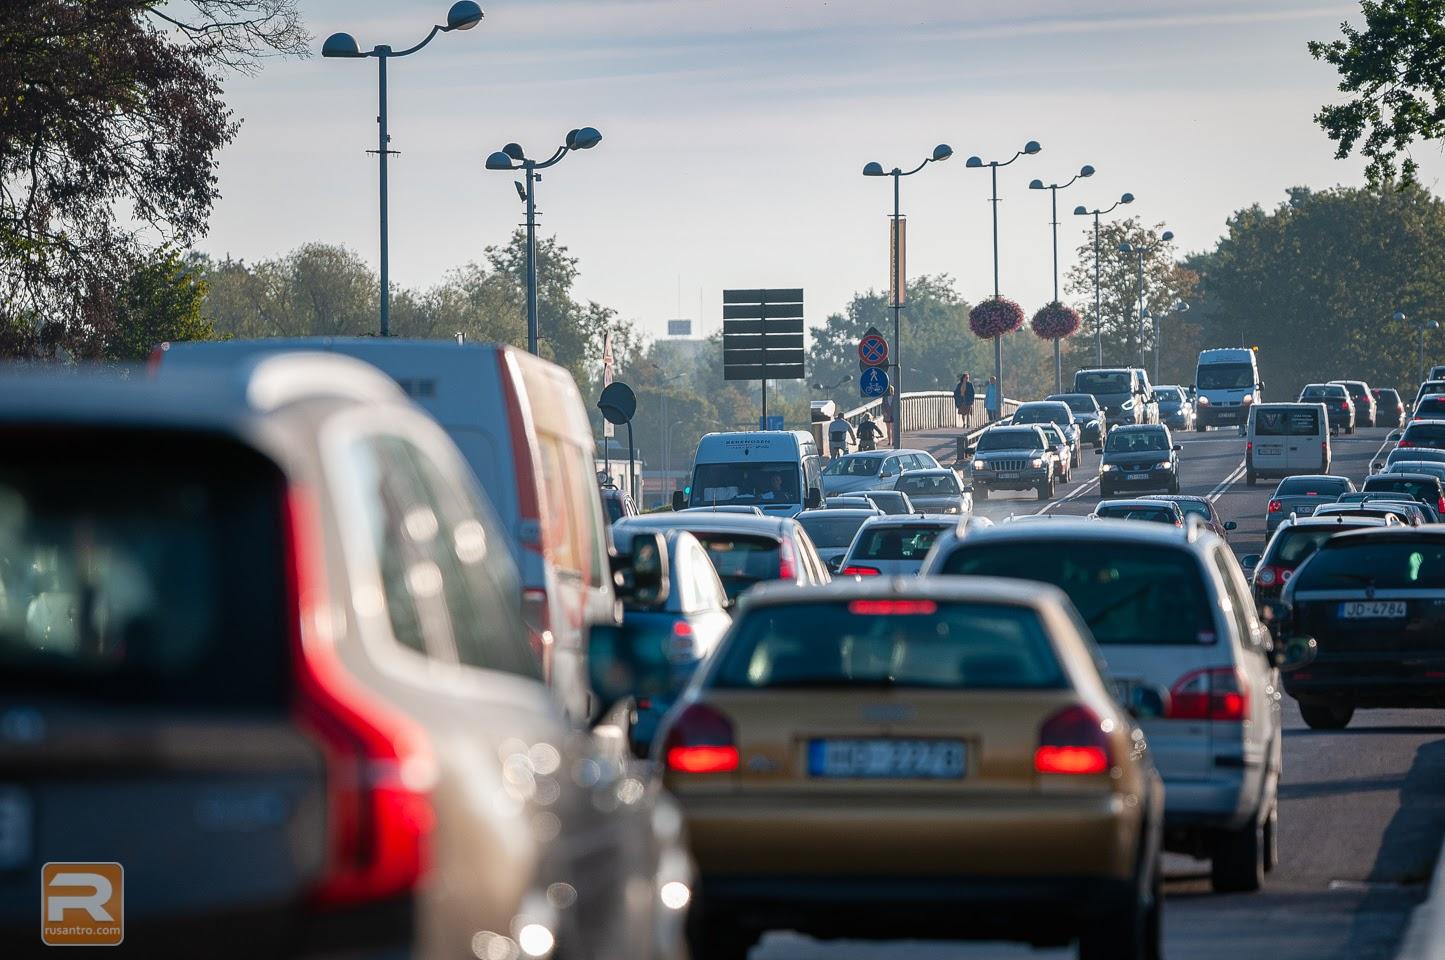 Liela auto kustība uz ielas